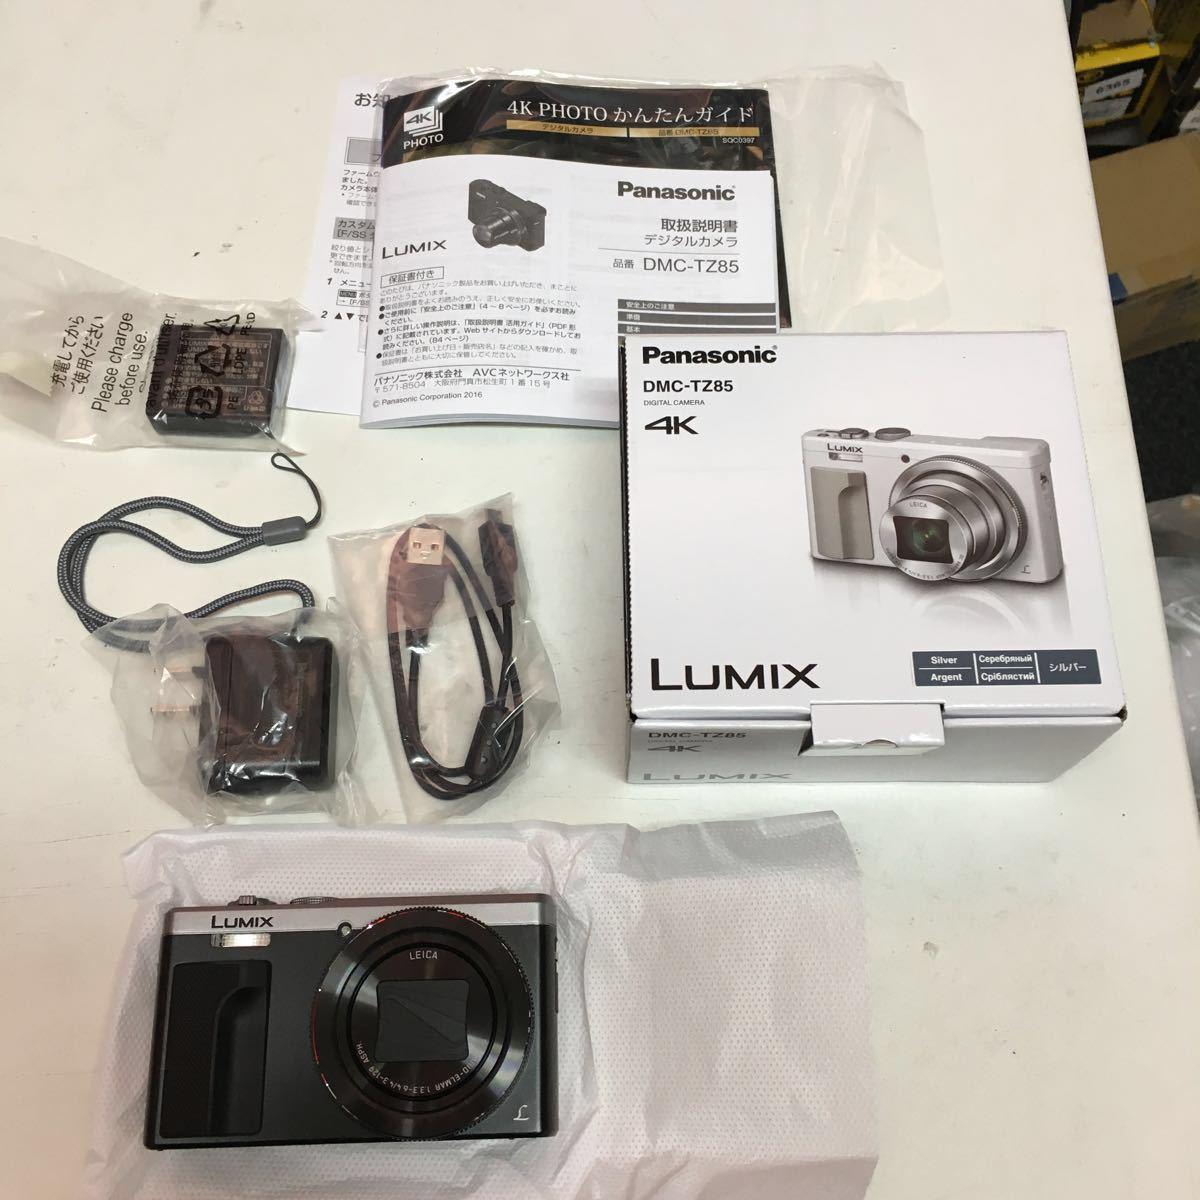 ジャンク品 パナソニック コンパクトデジタルカメラ ルミックス TZ85 光学30倍 シルバー DMC-TZ85-S